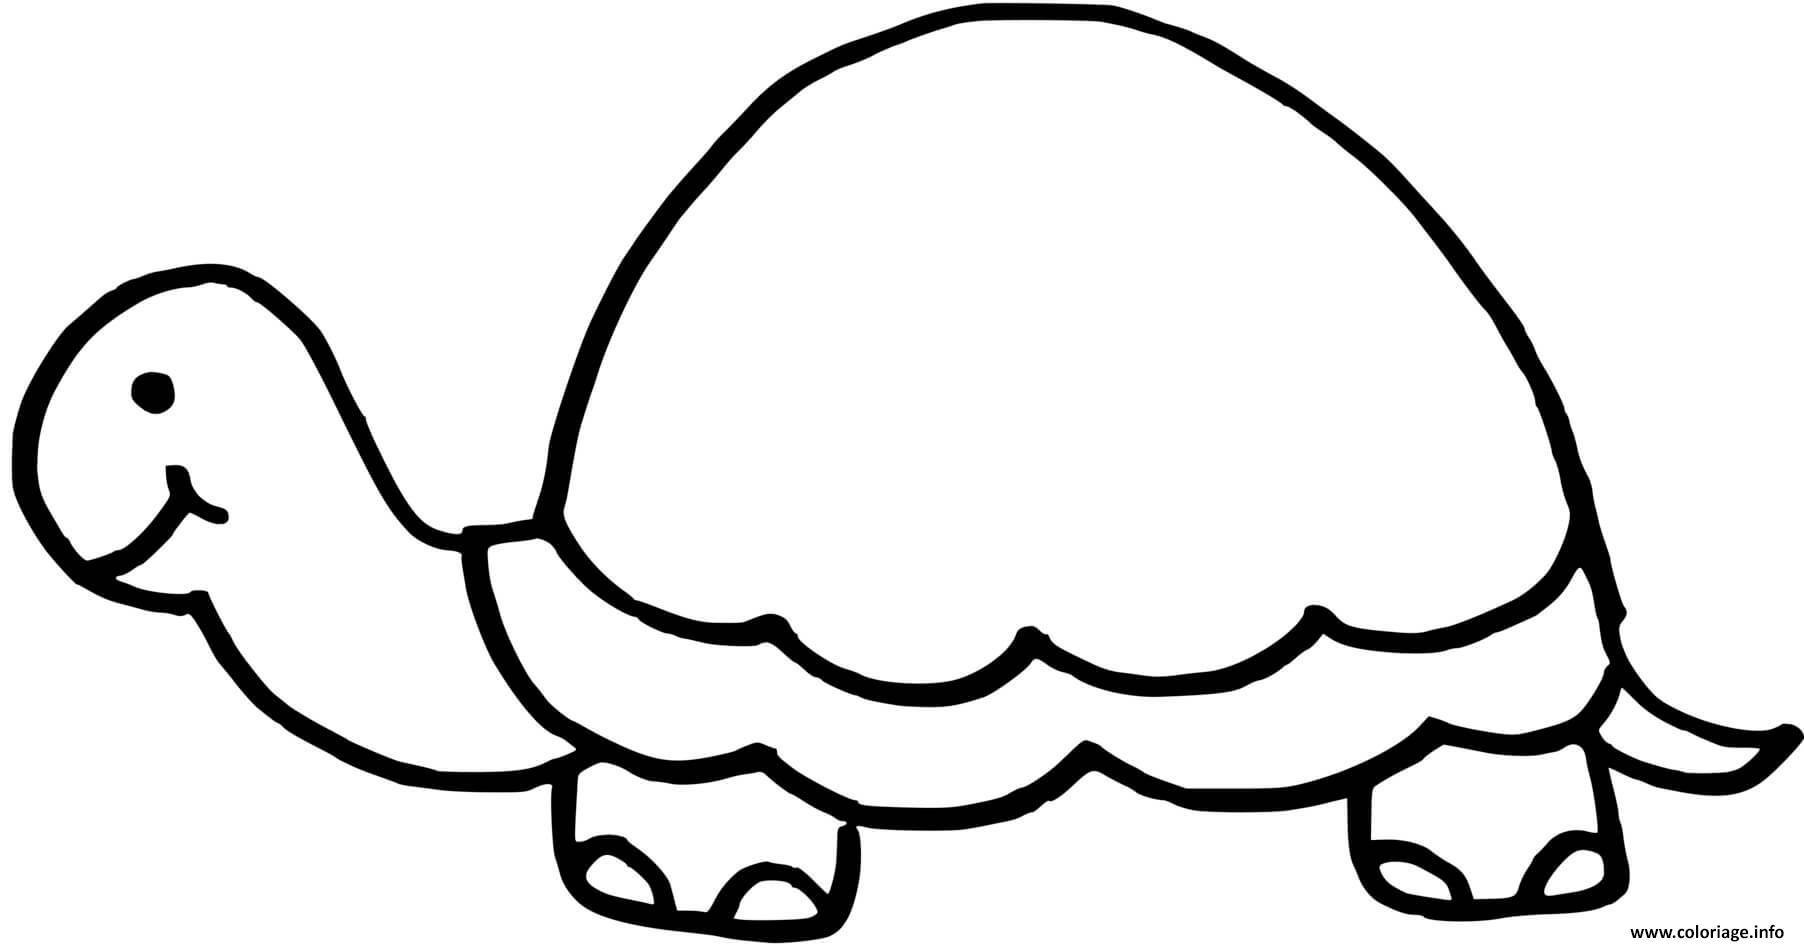 Dessin tortue avec une carapace sans dessin Coloriage Gratuit à Imprimer